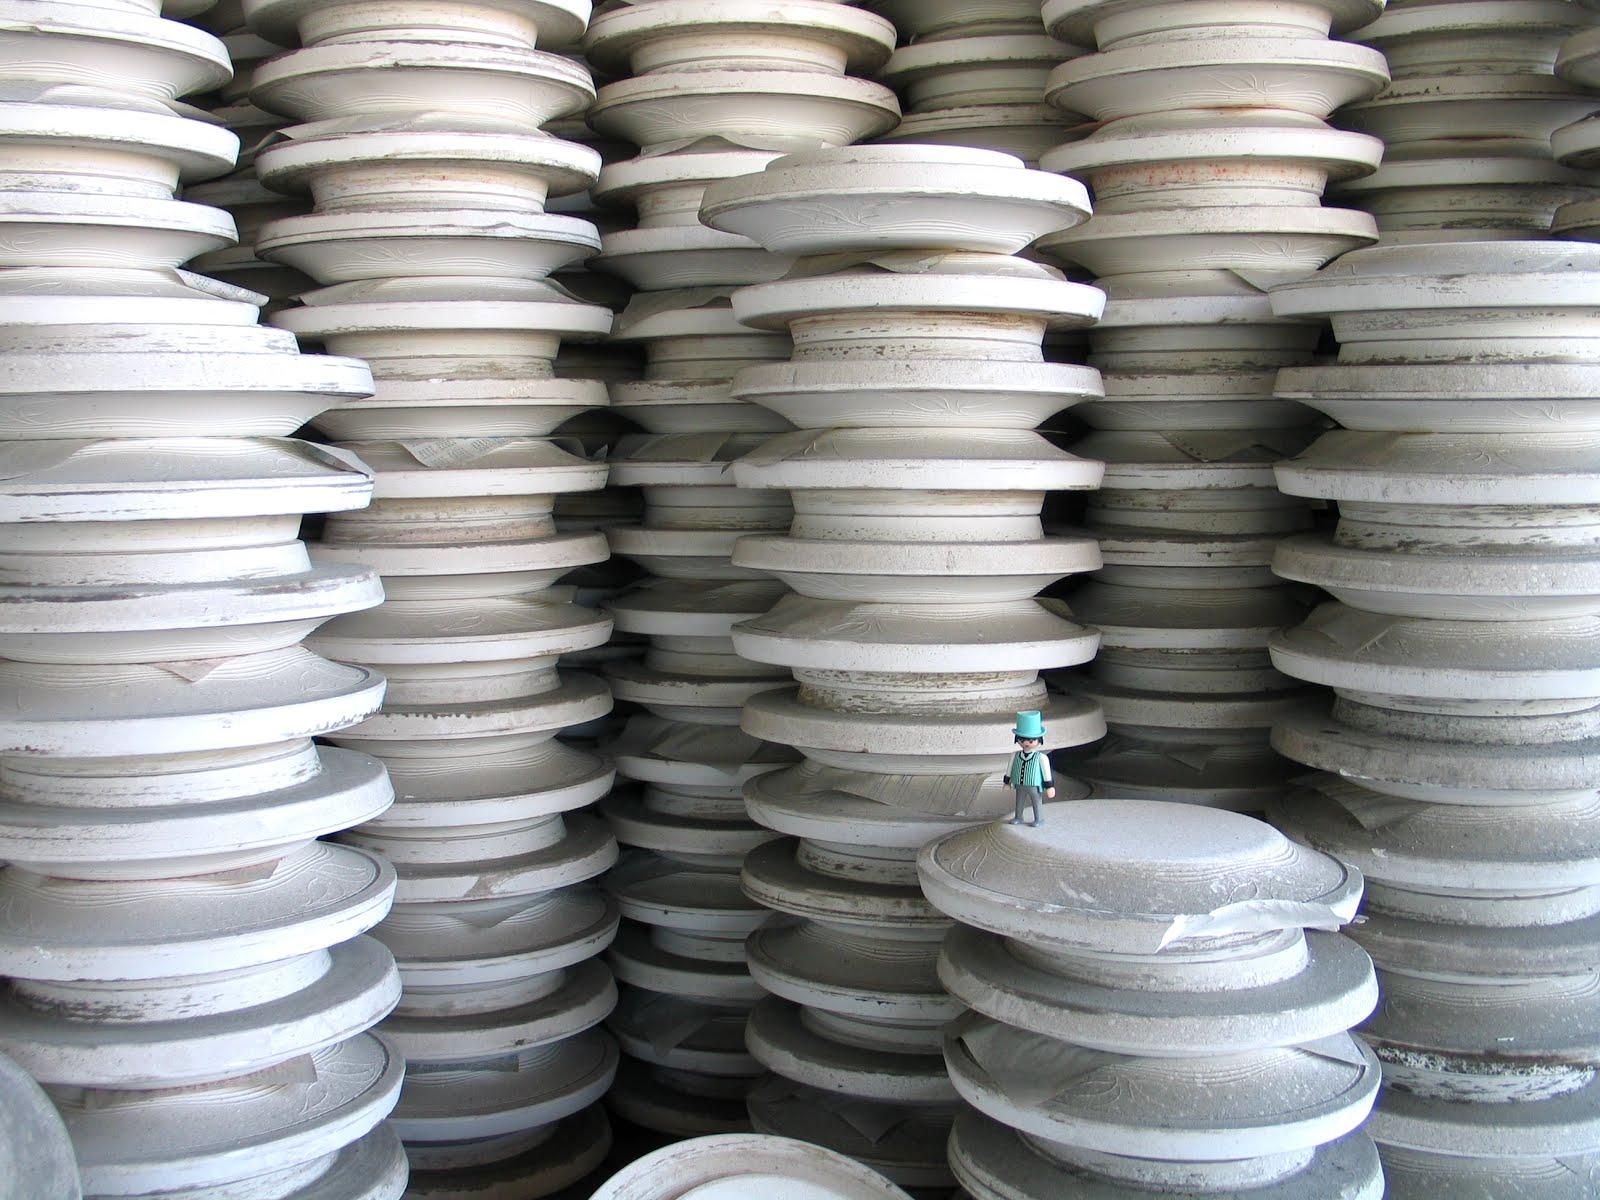 Vigo. Arqueología industrial en la Factoría Alvarez de Cabral.2005